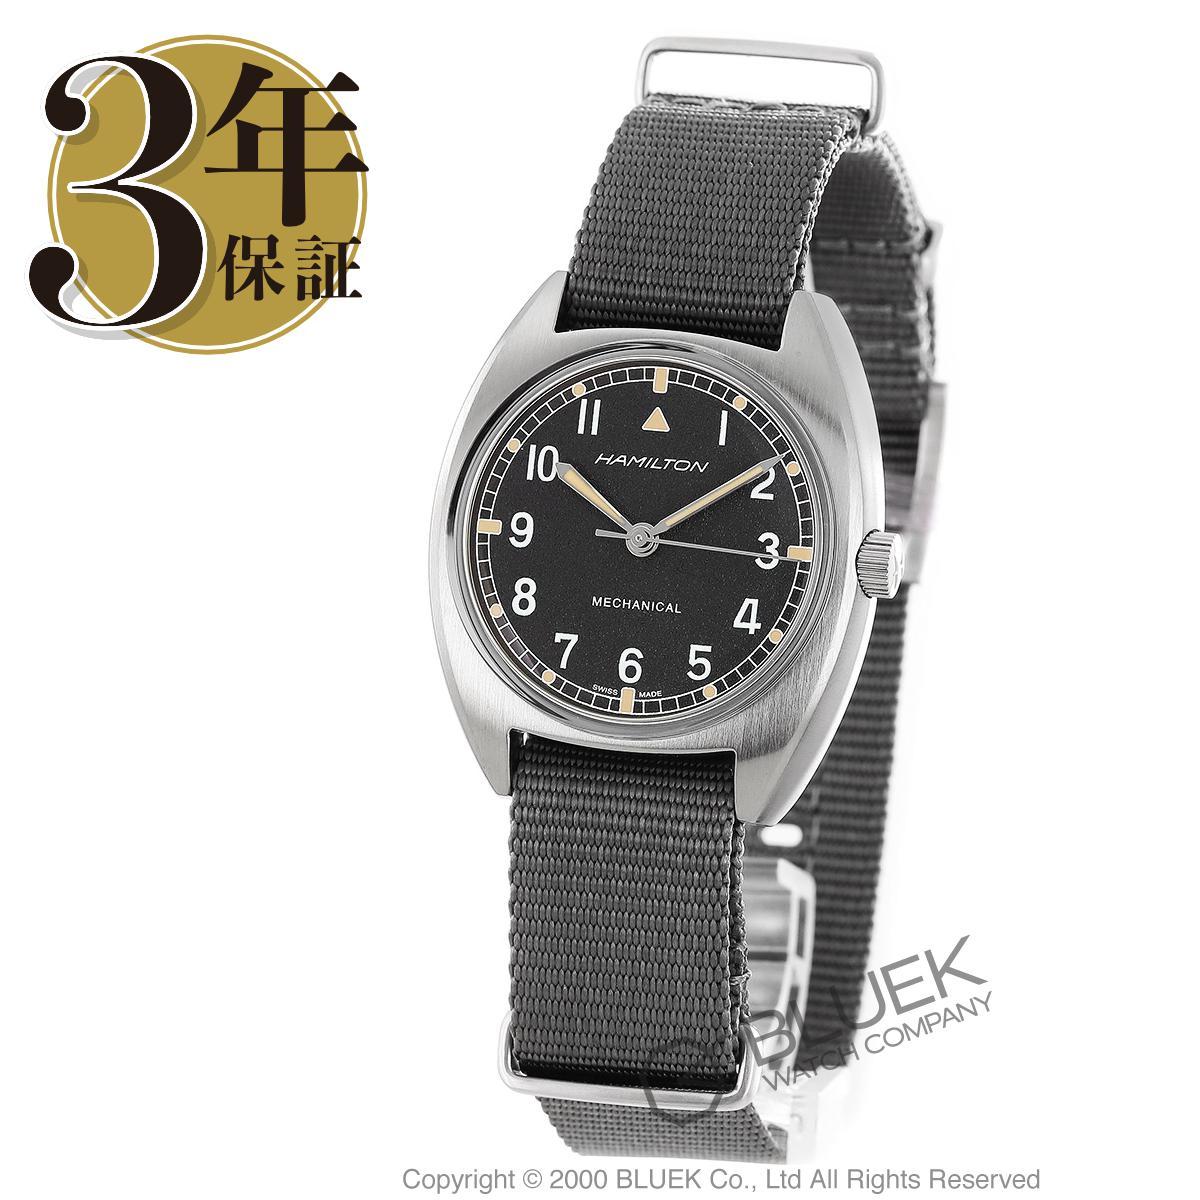 ハミルトン カーキ アビエーション パイロット パイオニア メカニカル 腕時計 ユニセックス HAMILTON H76419931_8